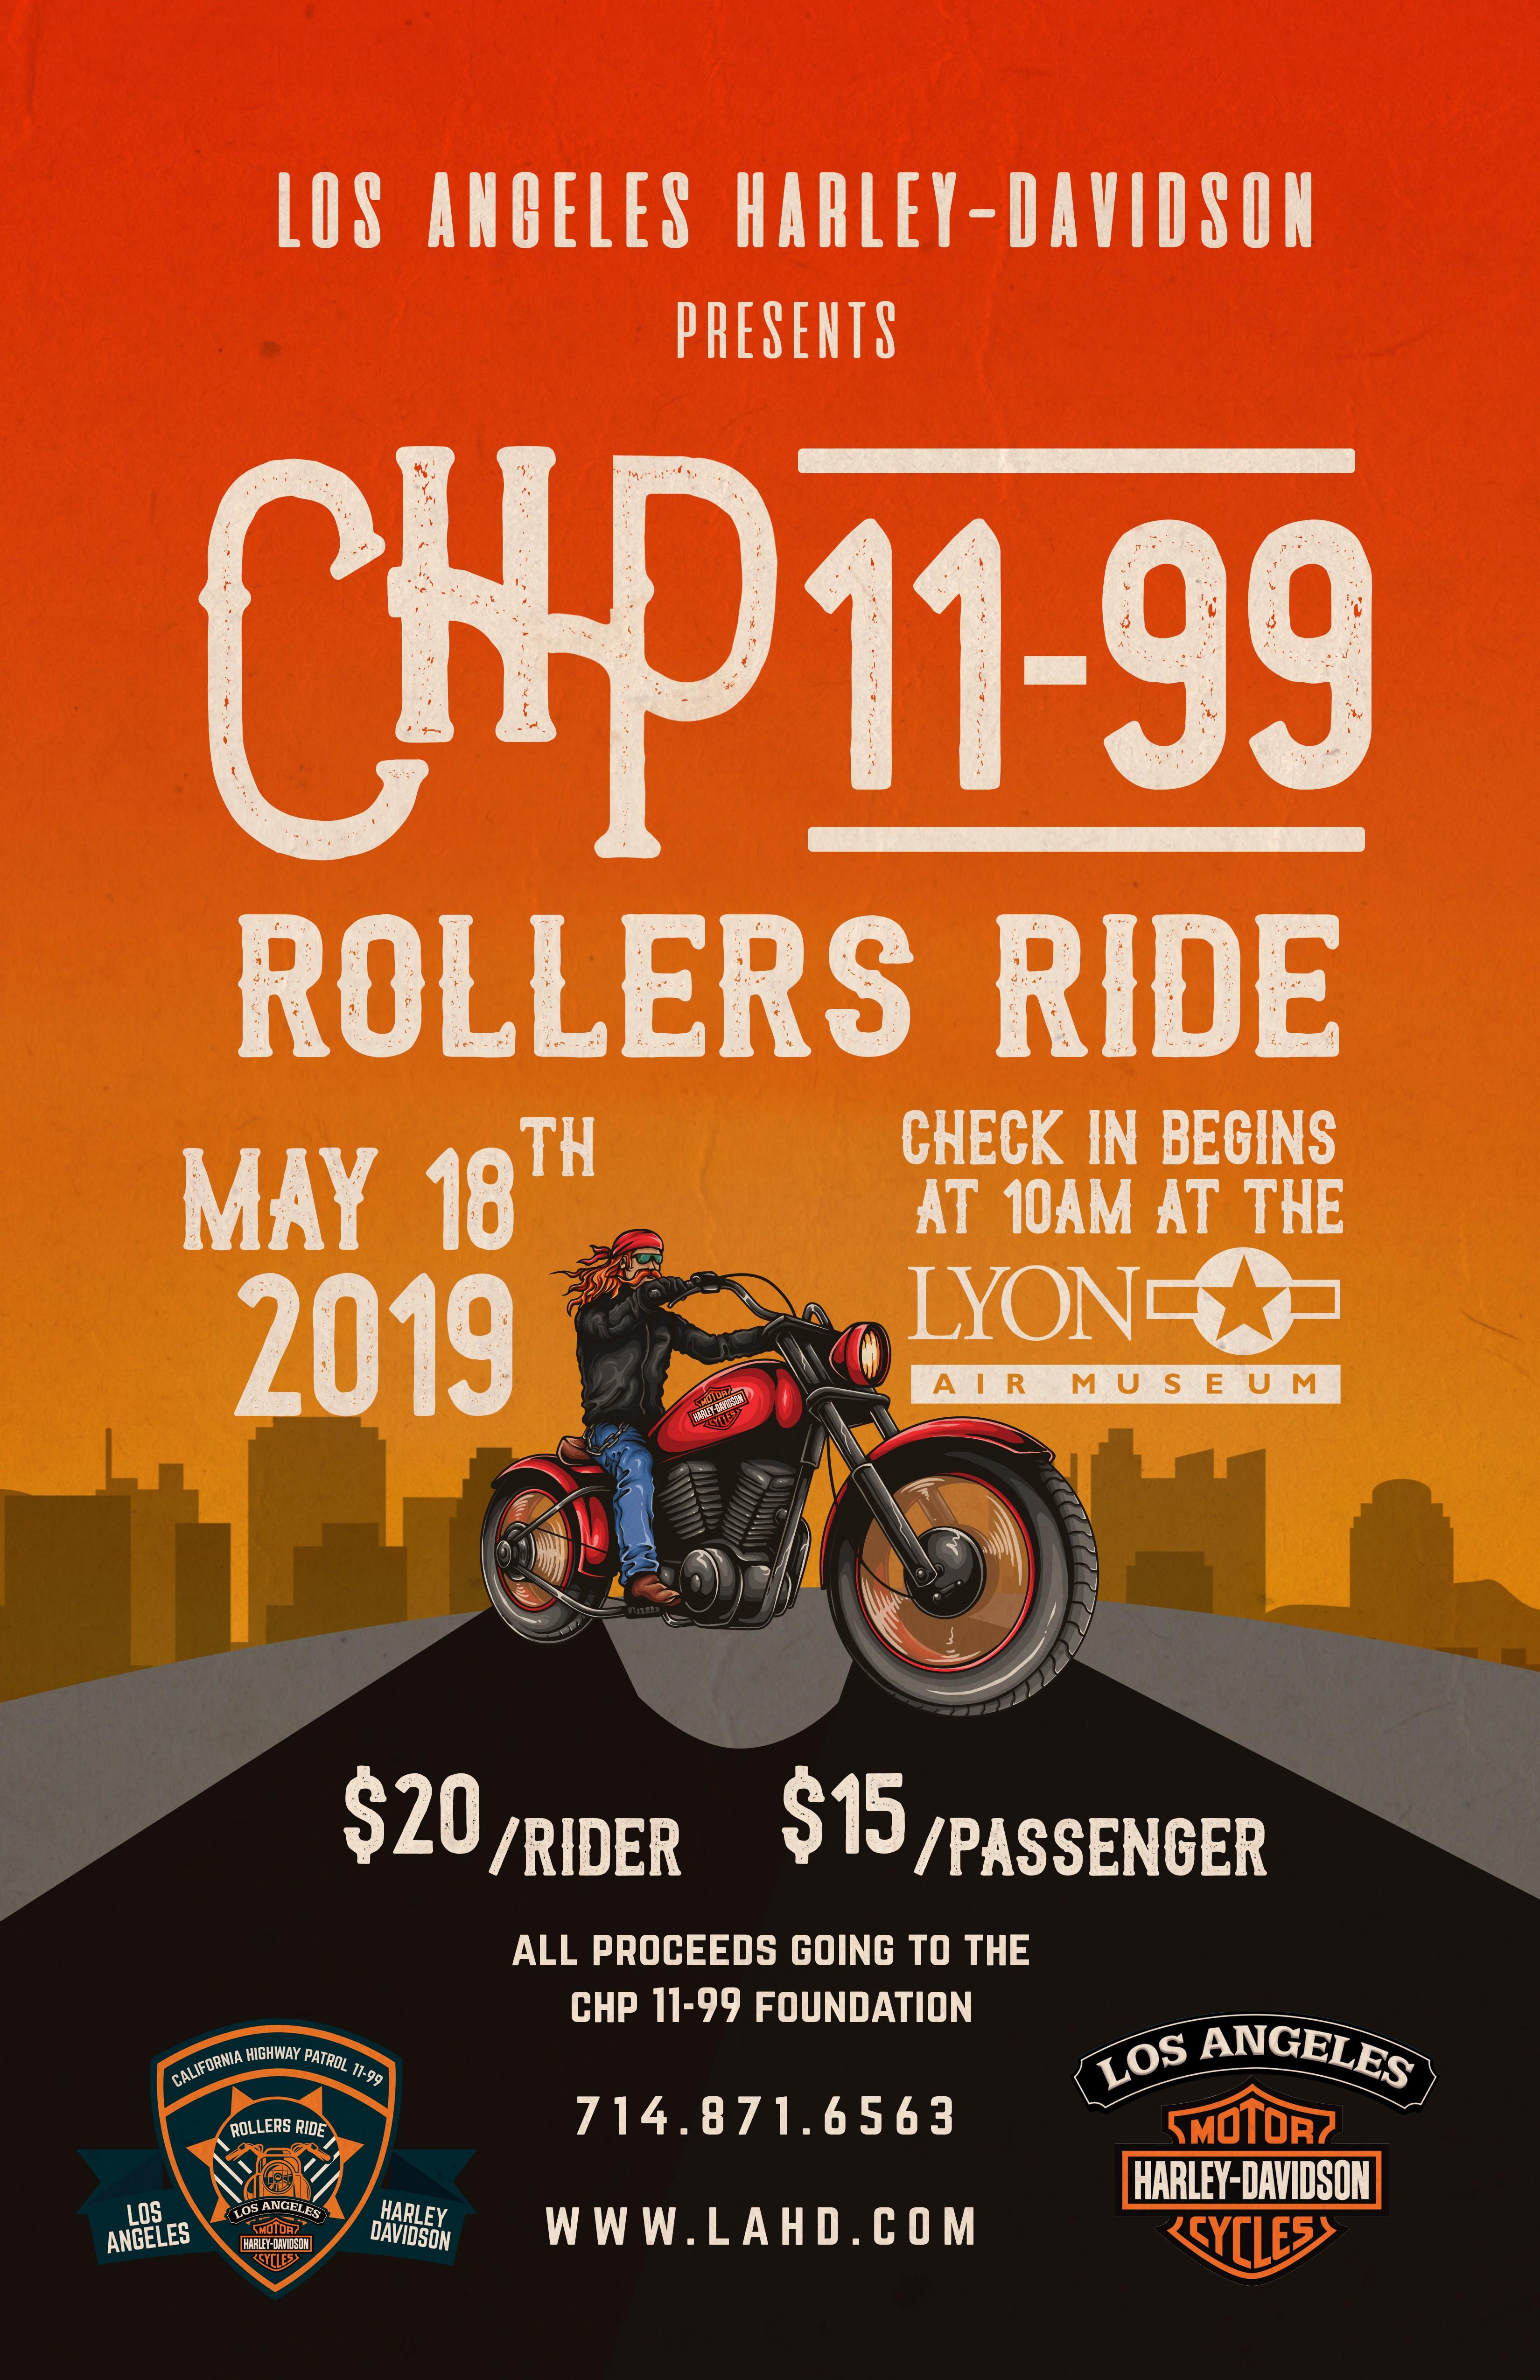 LAHD CHP 11-99 Ride